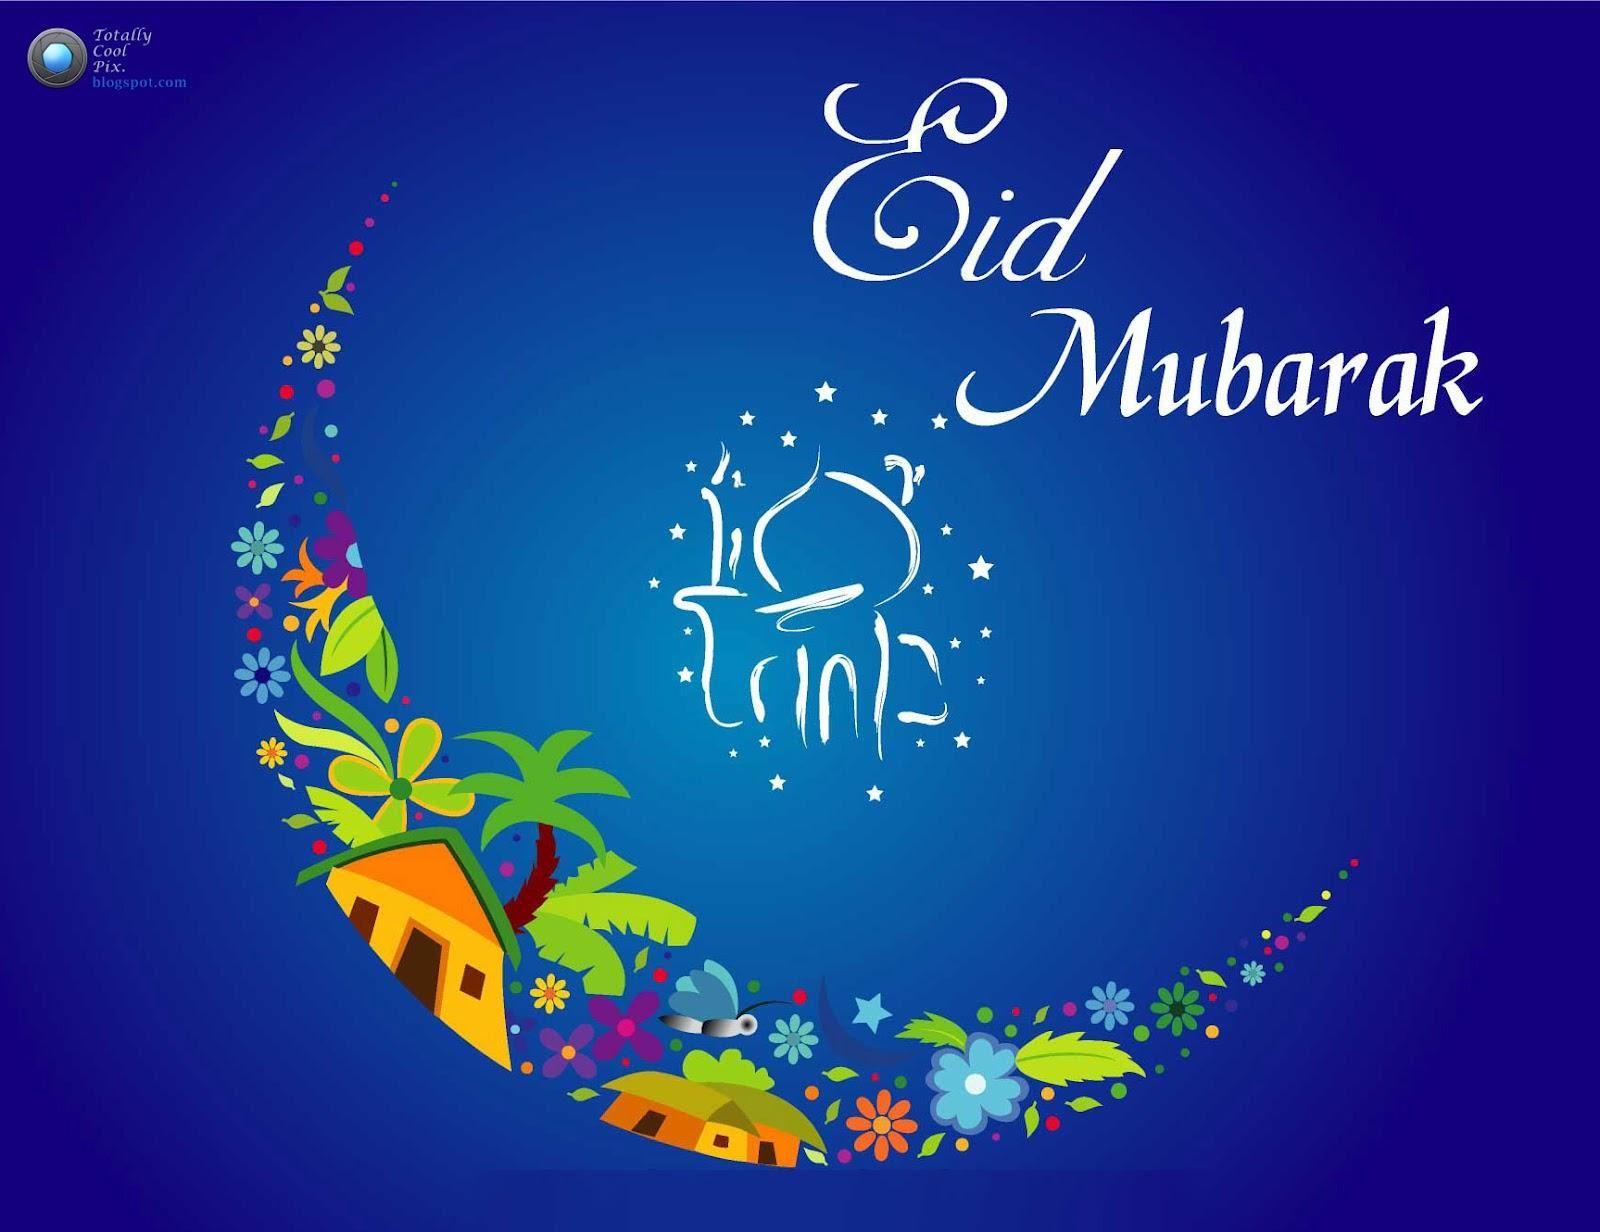 Beautiful Australia 2016 Eid Al-Fitr Greeting - 3fcf1aec7766d588c40293eb2486790d  2018_418522 .jpg